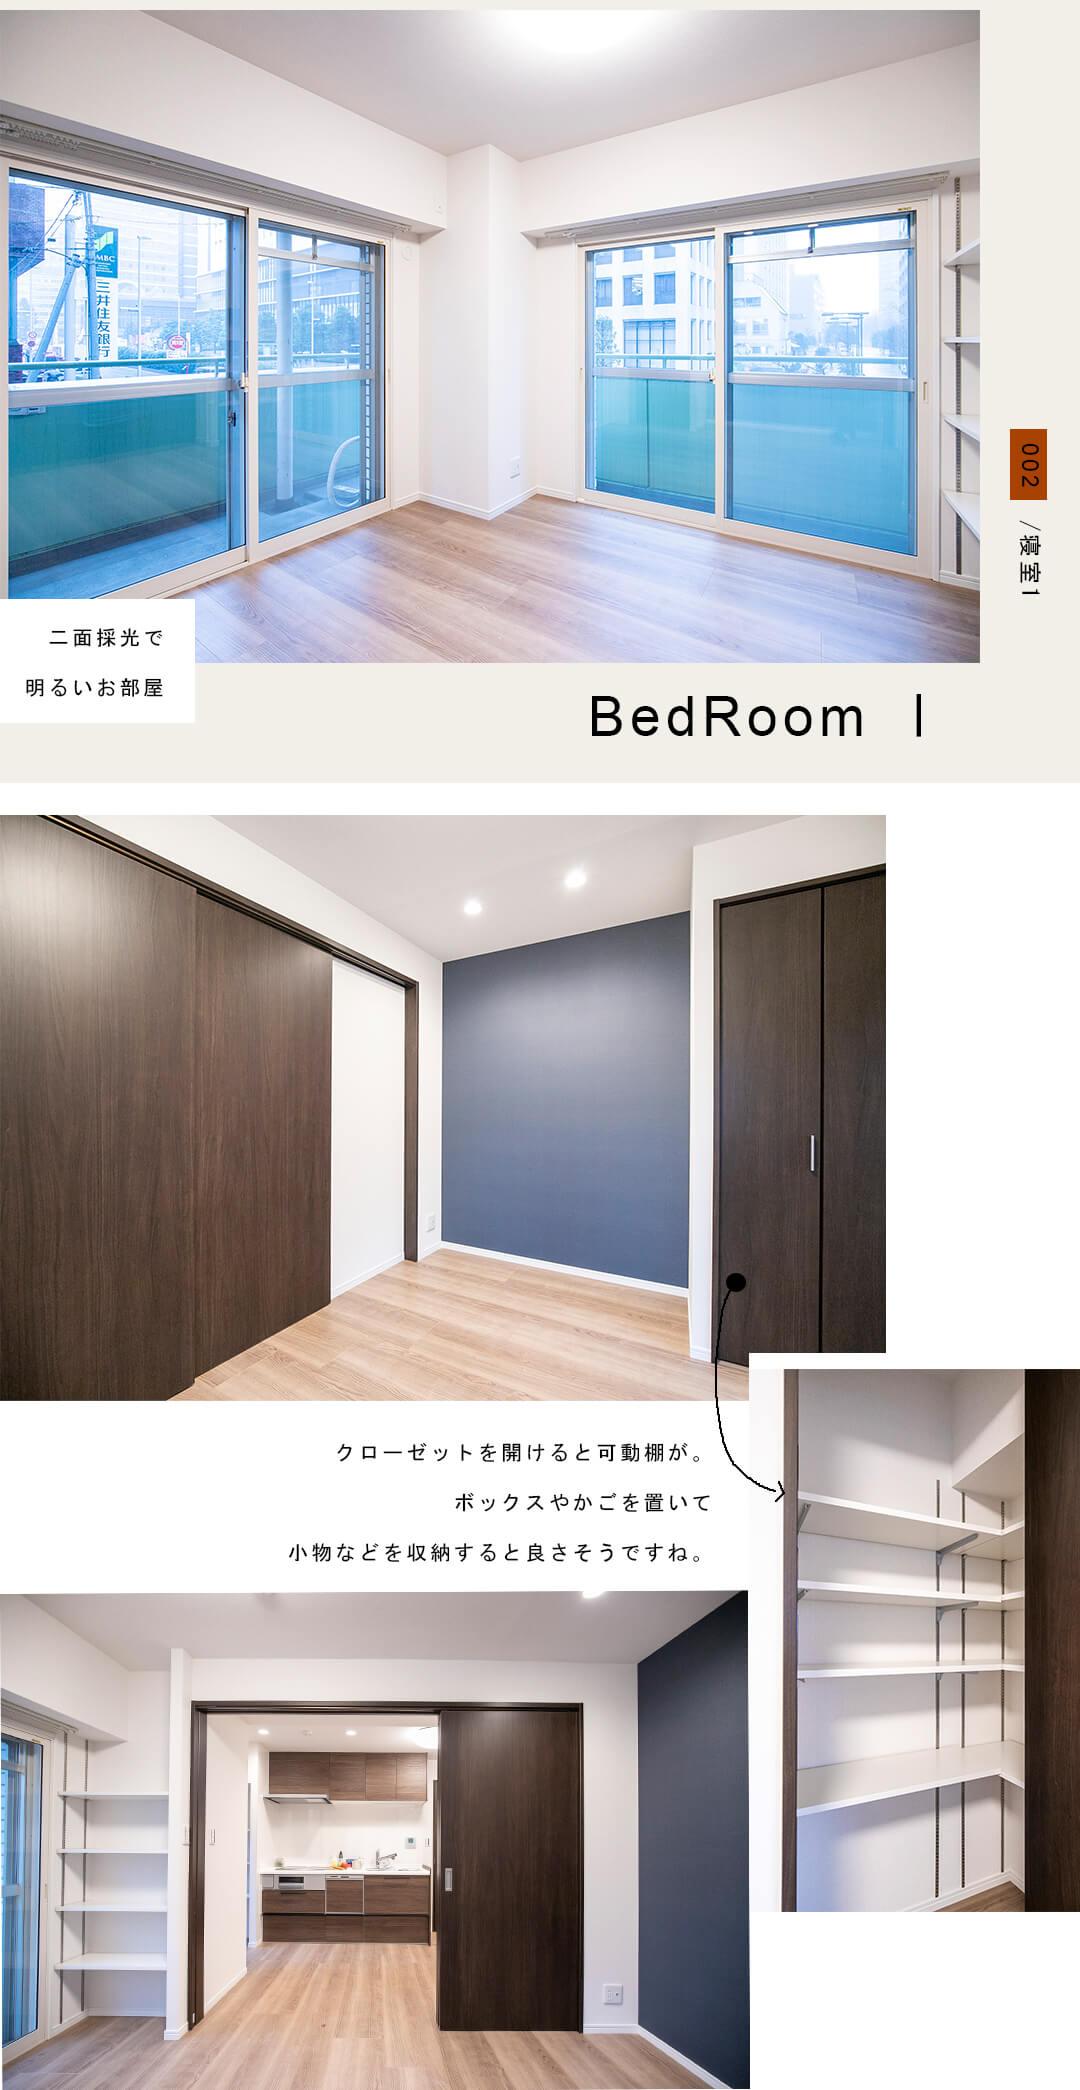 002寝室1,Bedroom Ⅰ